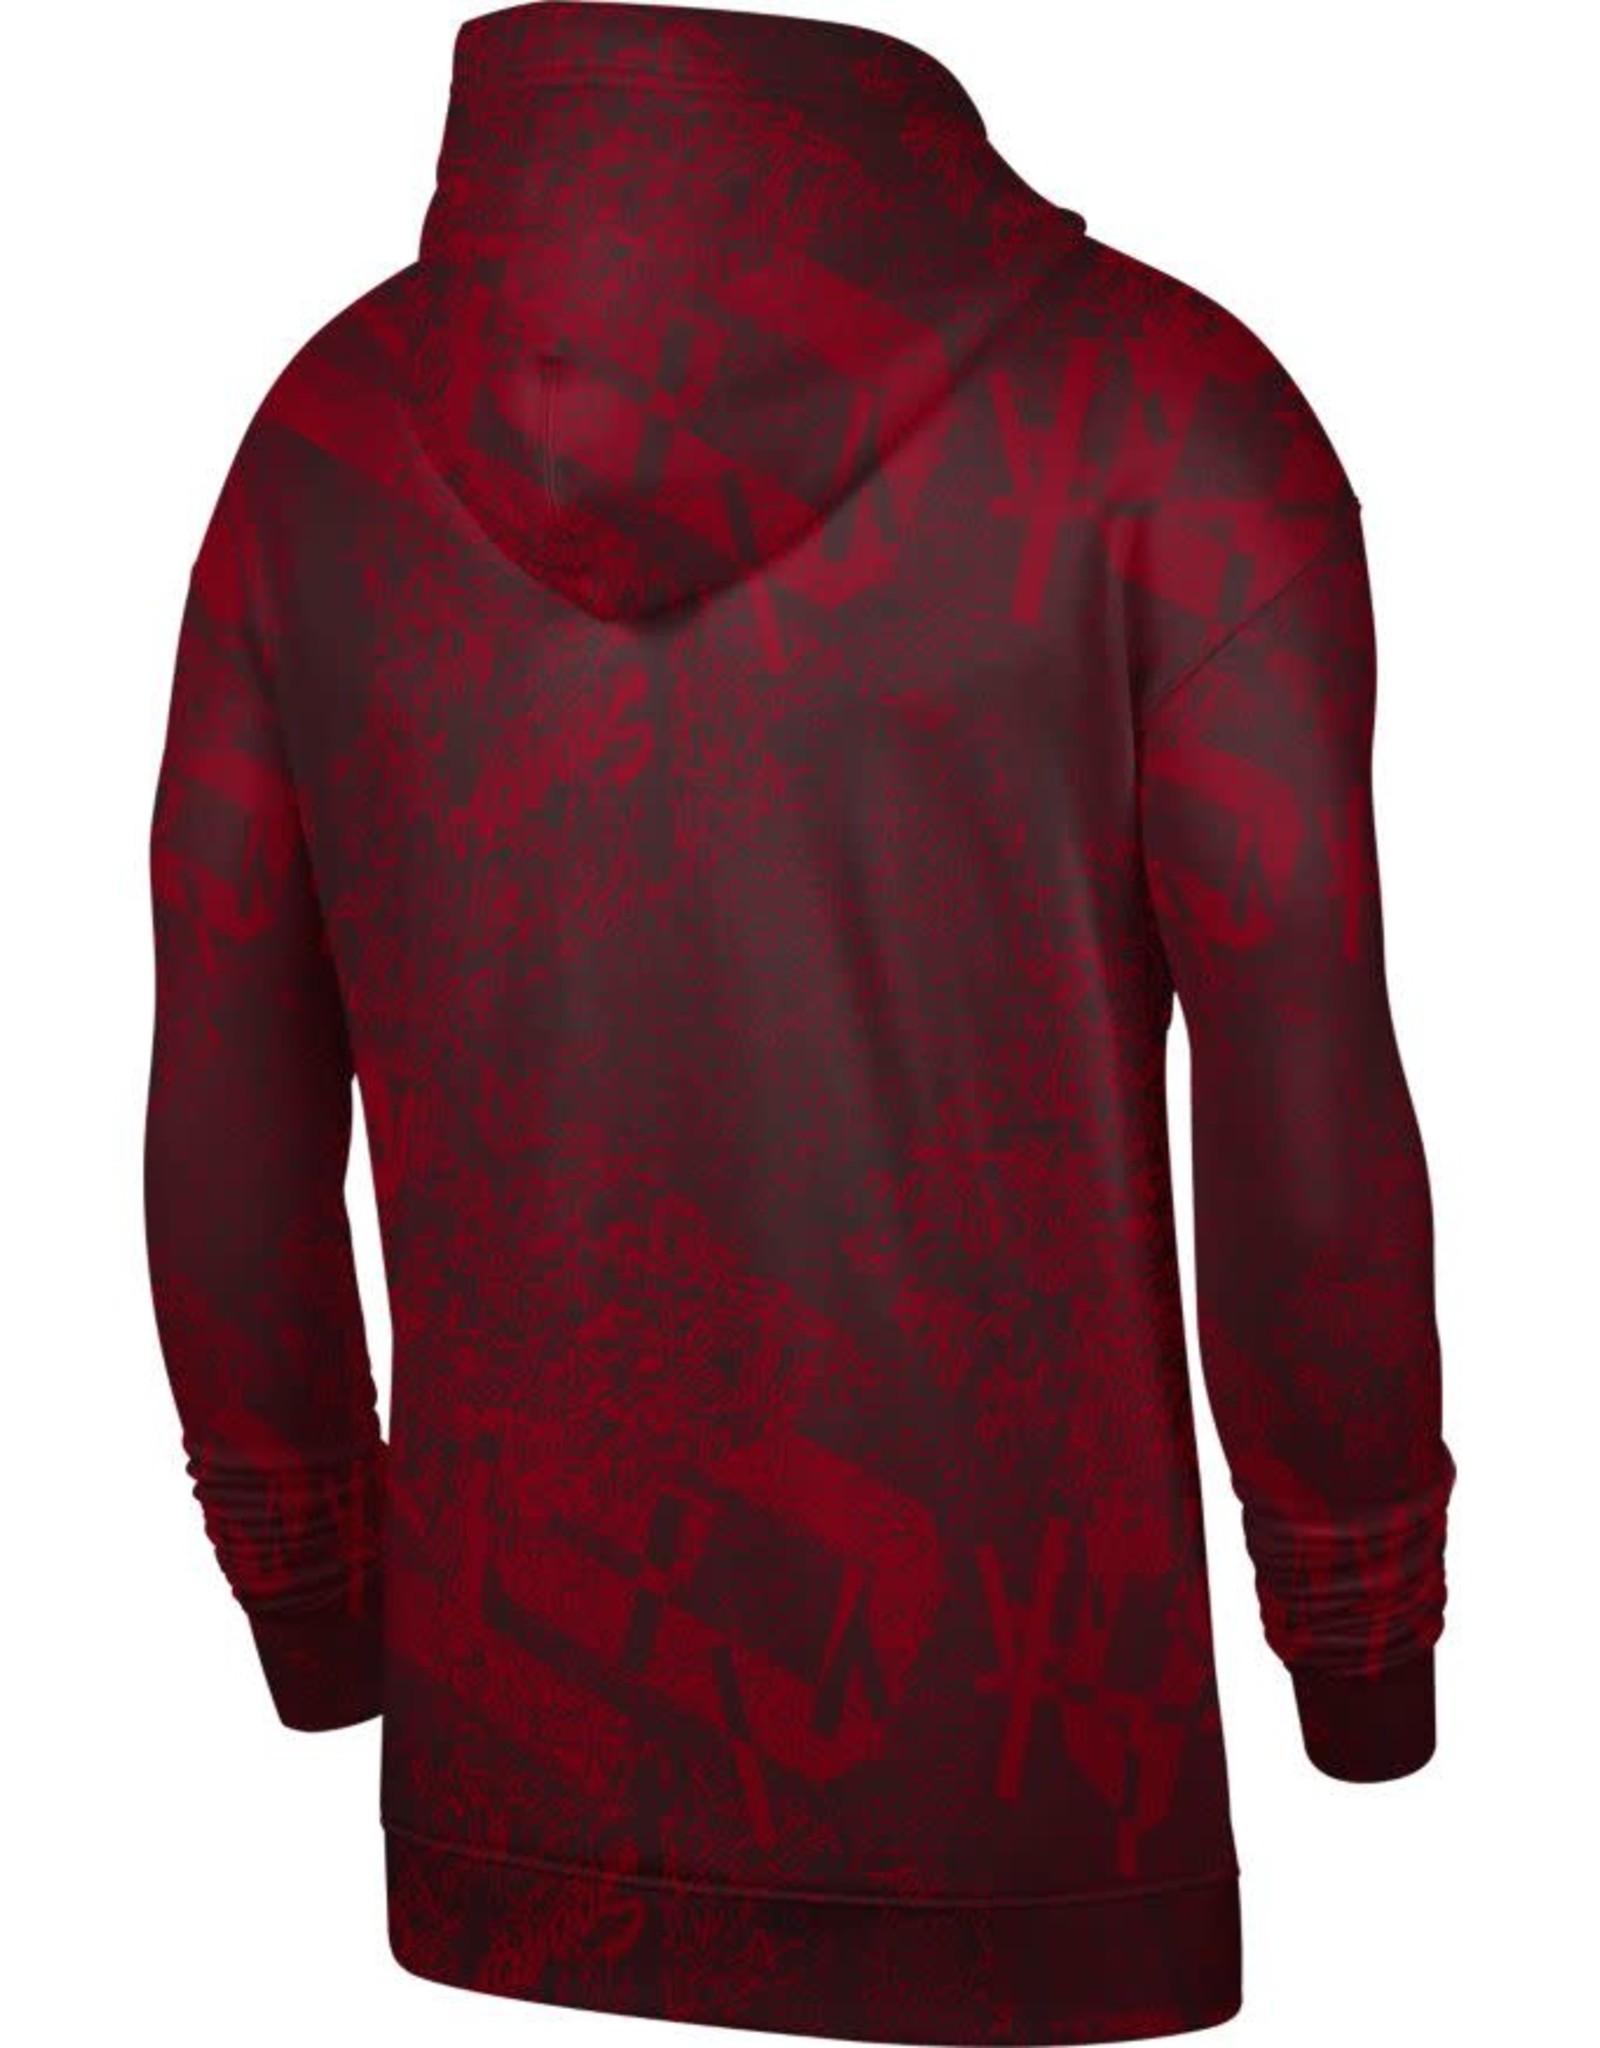 Jordan Men's Jordan OU Crimson All-Over Print Travel Fleece Pull-over Hoodie